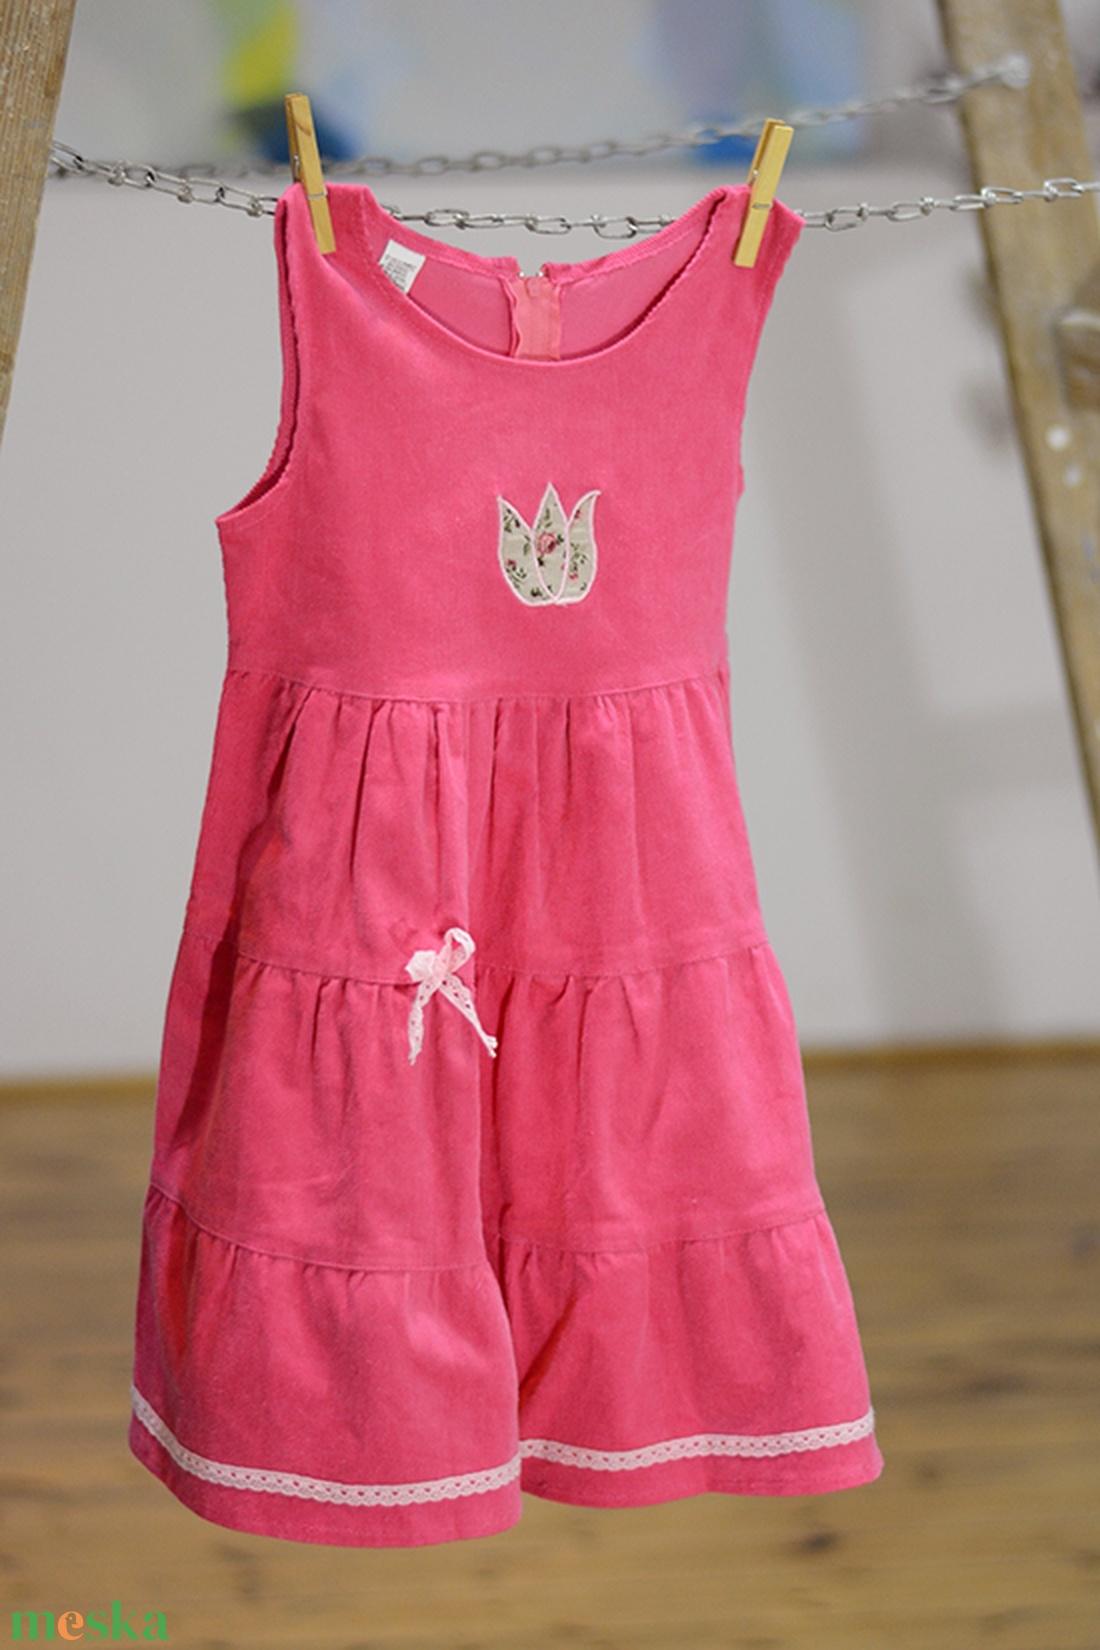 d89dc4bb6d Kord ruha, 110-152-es, világos rózsaszín, hímzéssel, pamut csipkével  (gyetomi) - Meska.hu